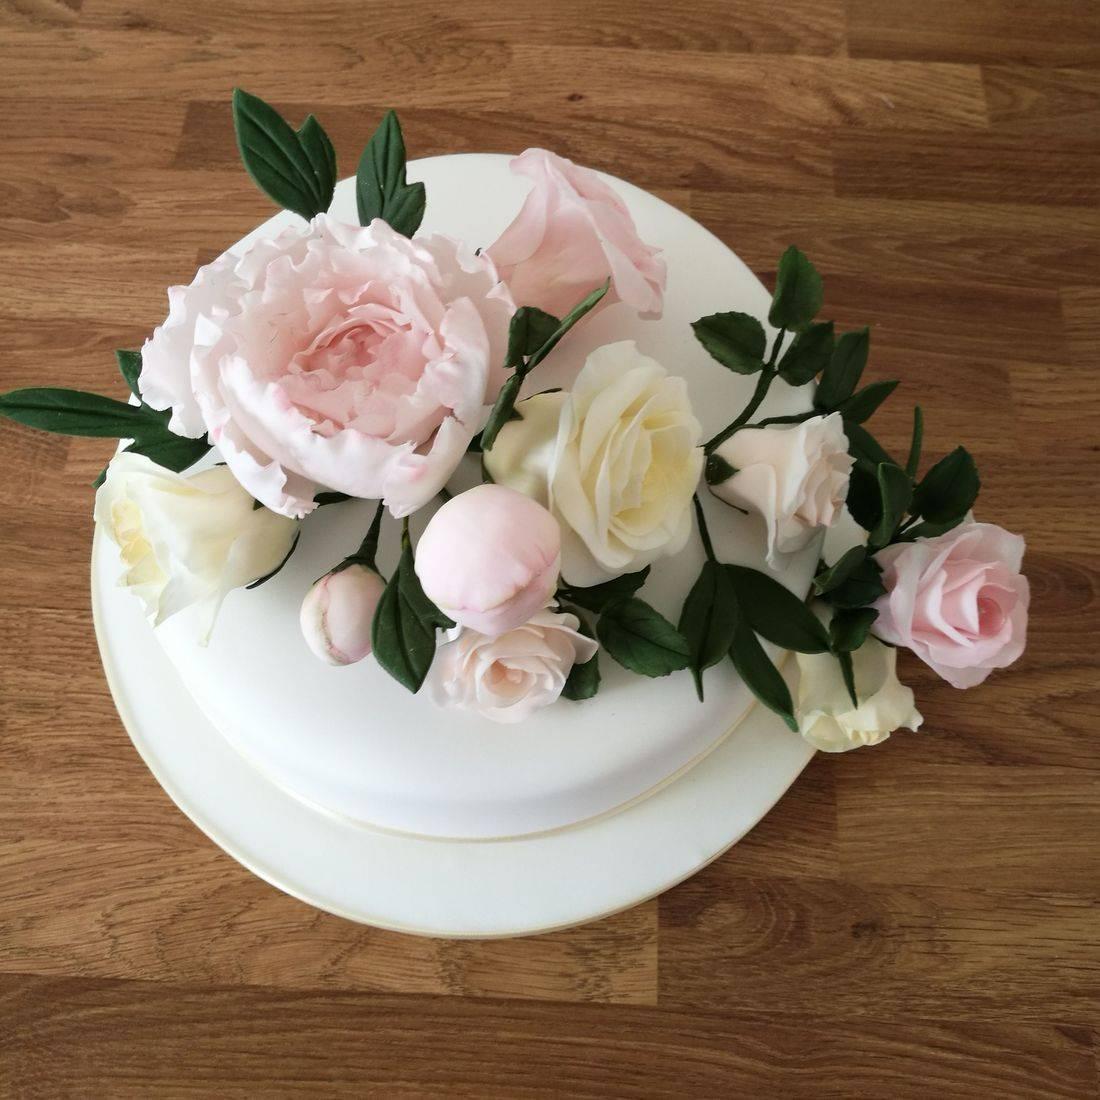 Wedding Cake Peony & Roses